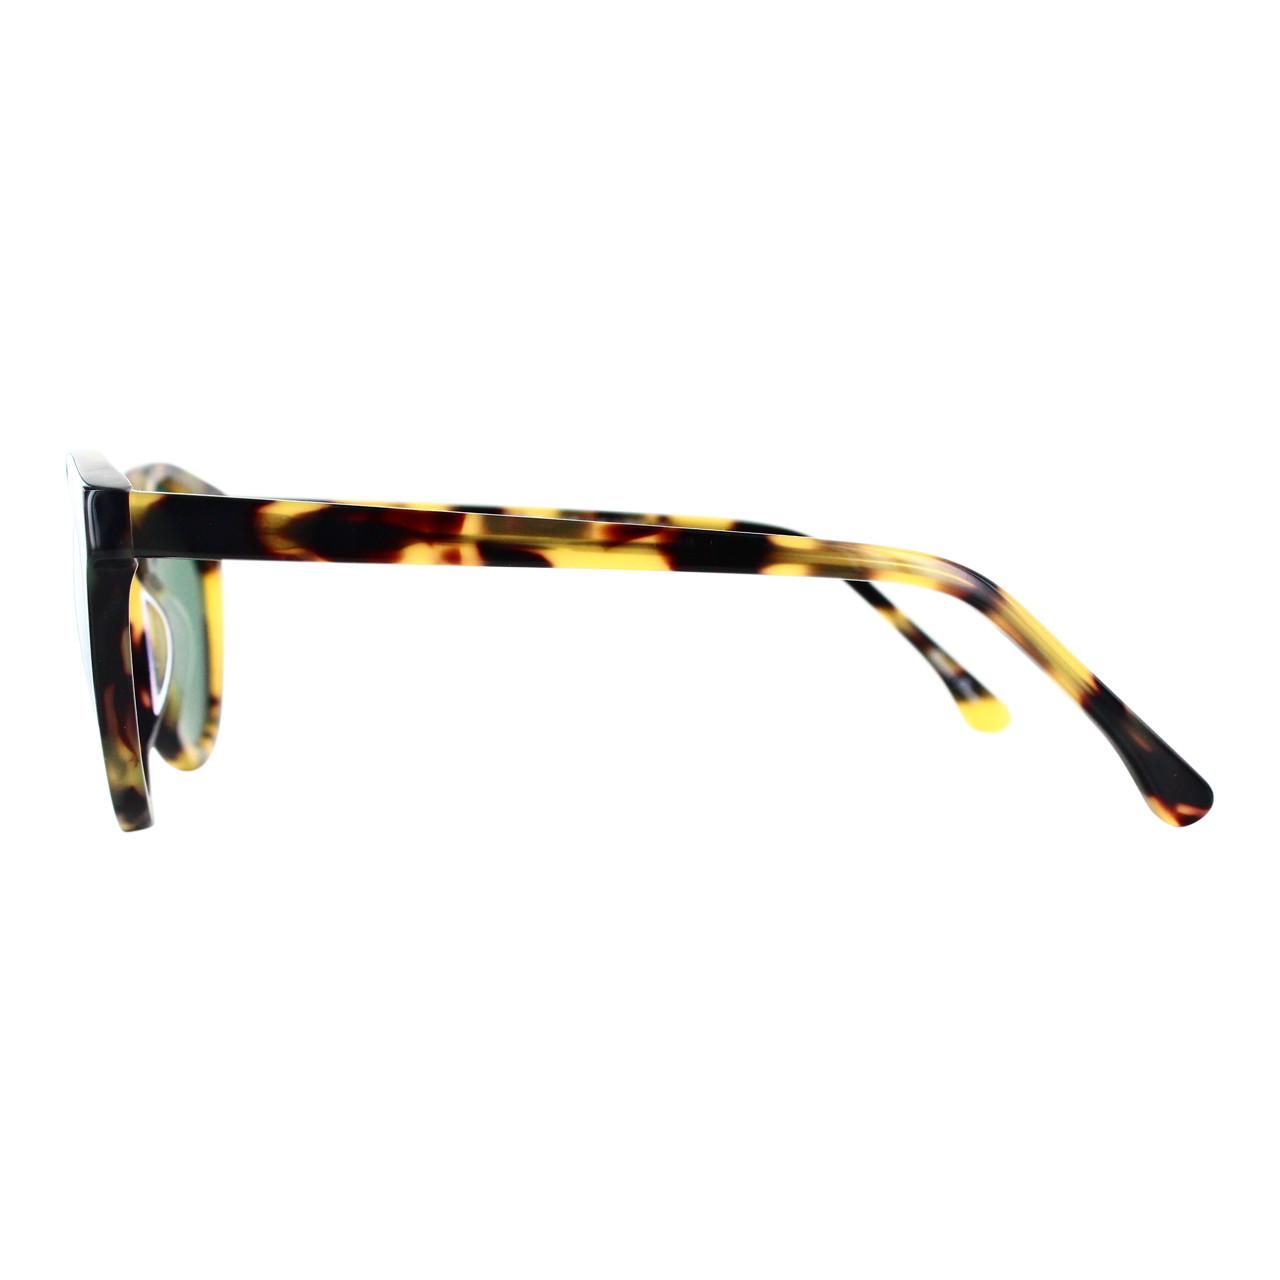 GEEK Eyewear GEEK New Yorker Sunglasses